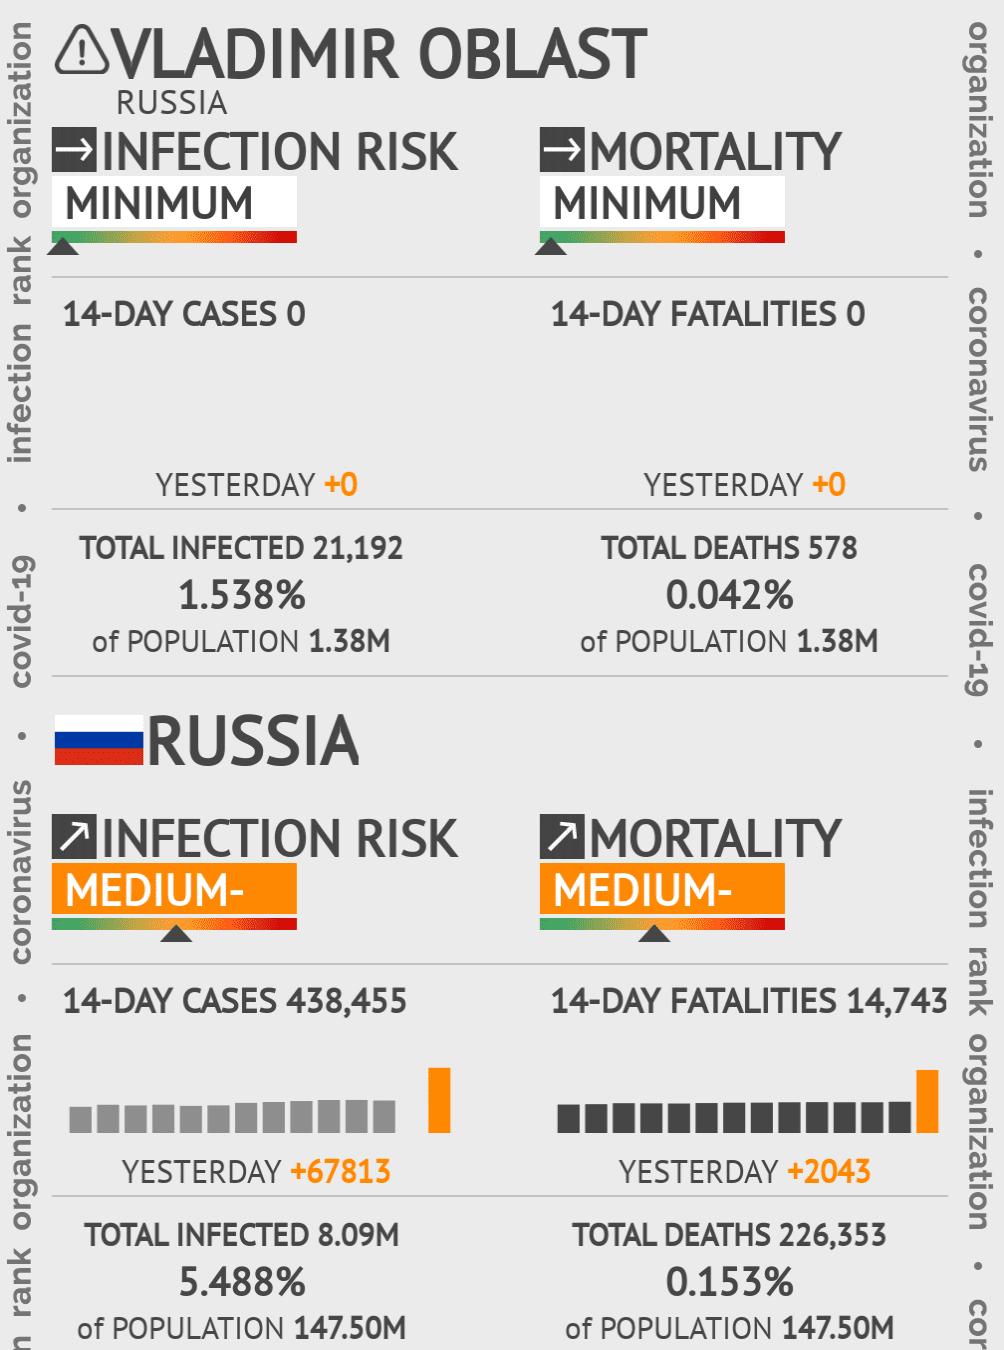 Vladimir Oblast Coronavirus Covid-19 Risk of Infection on February 23, 2021